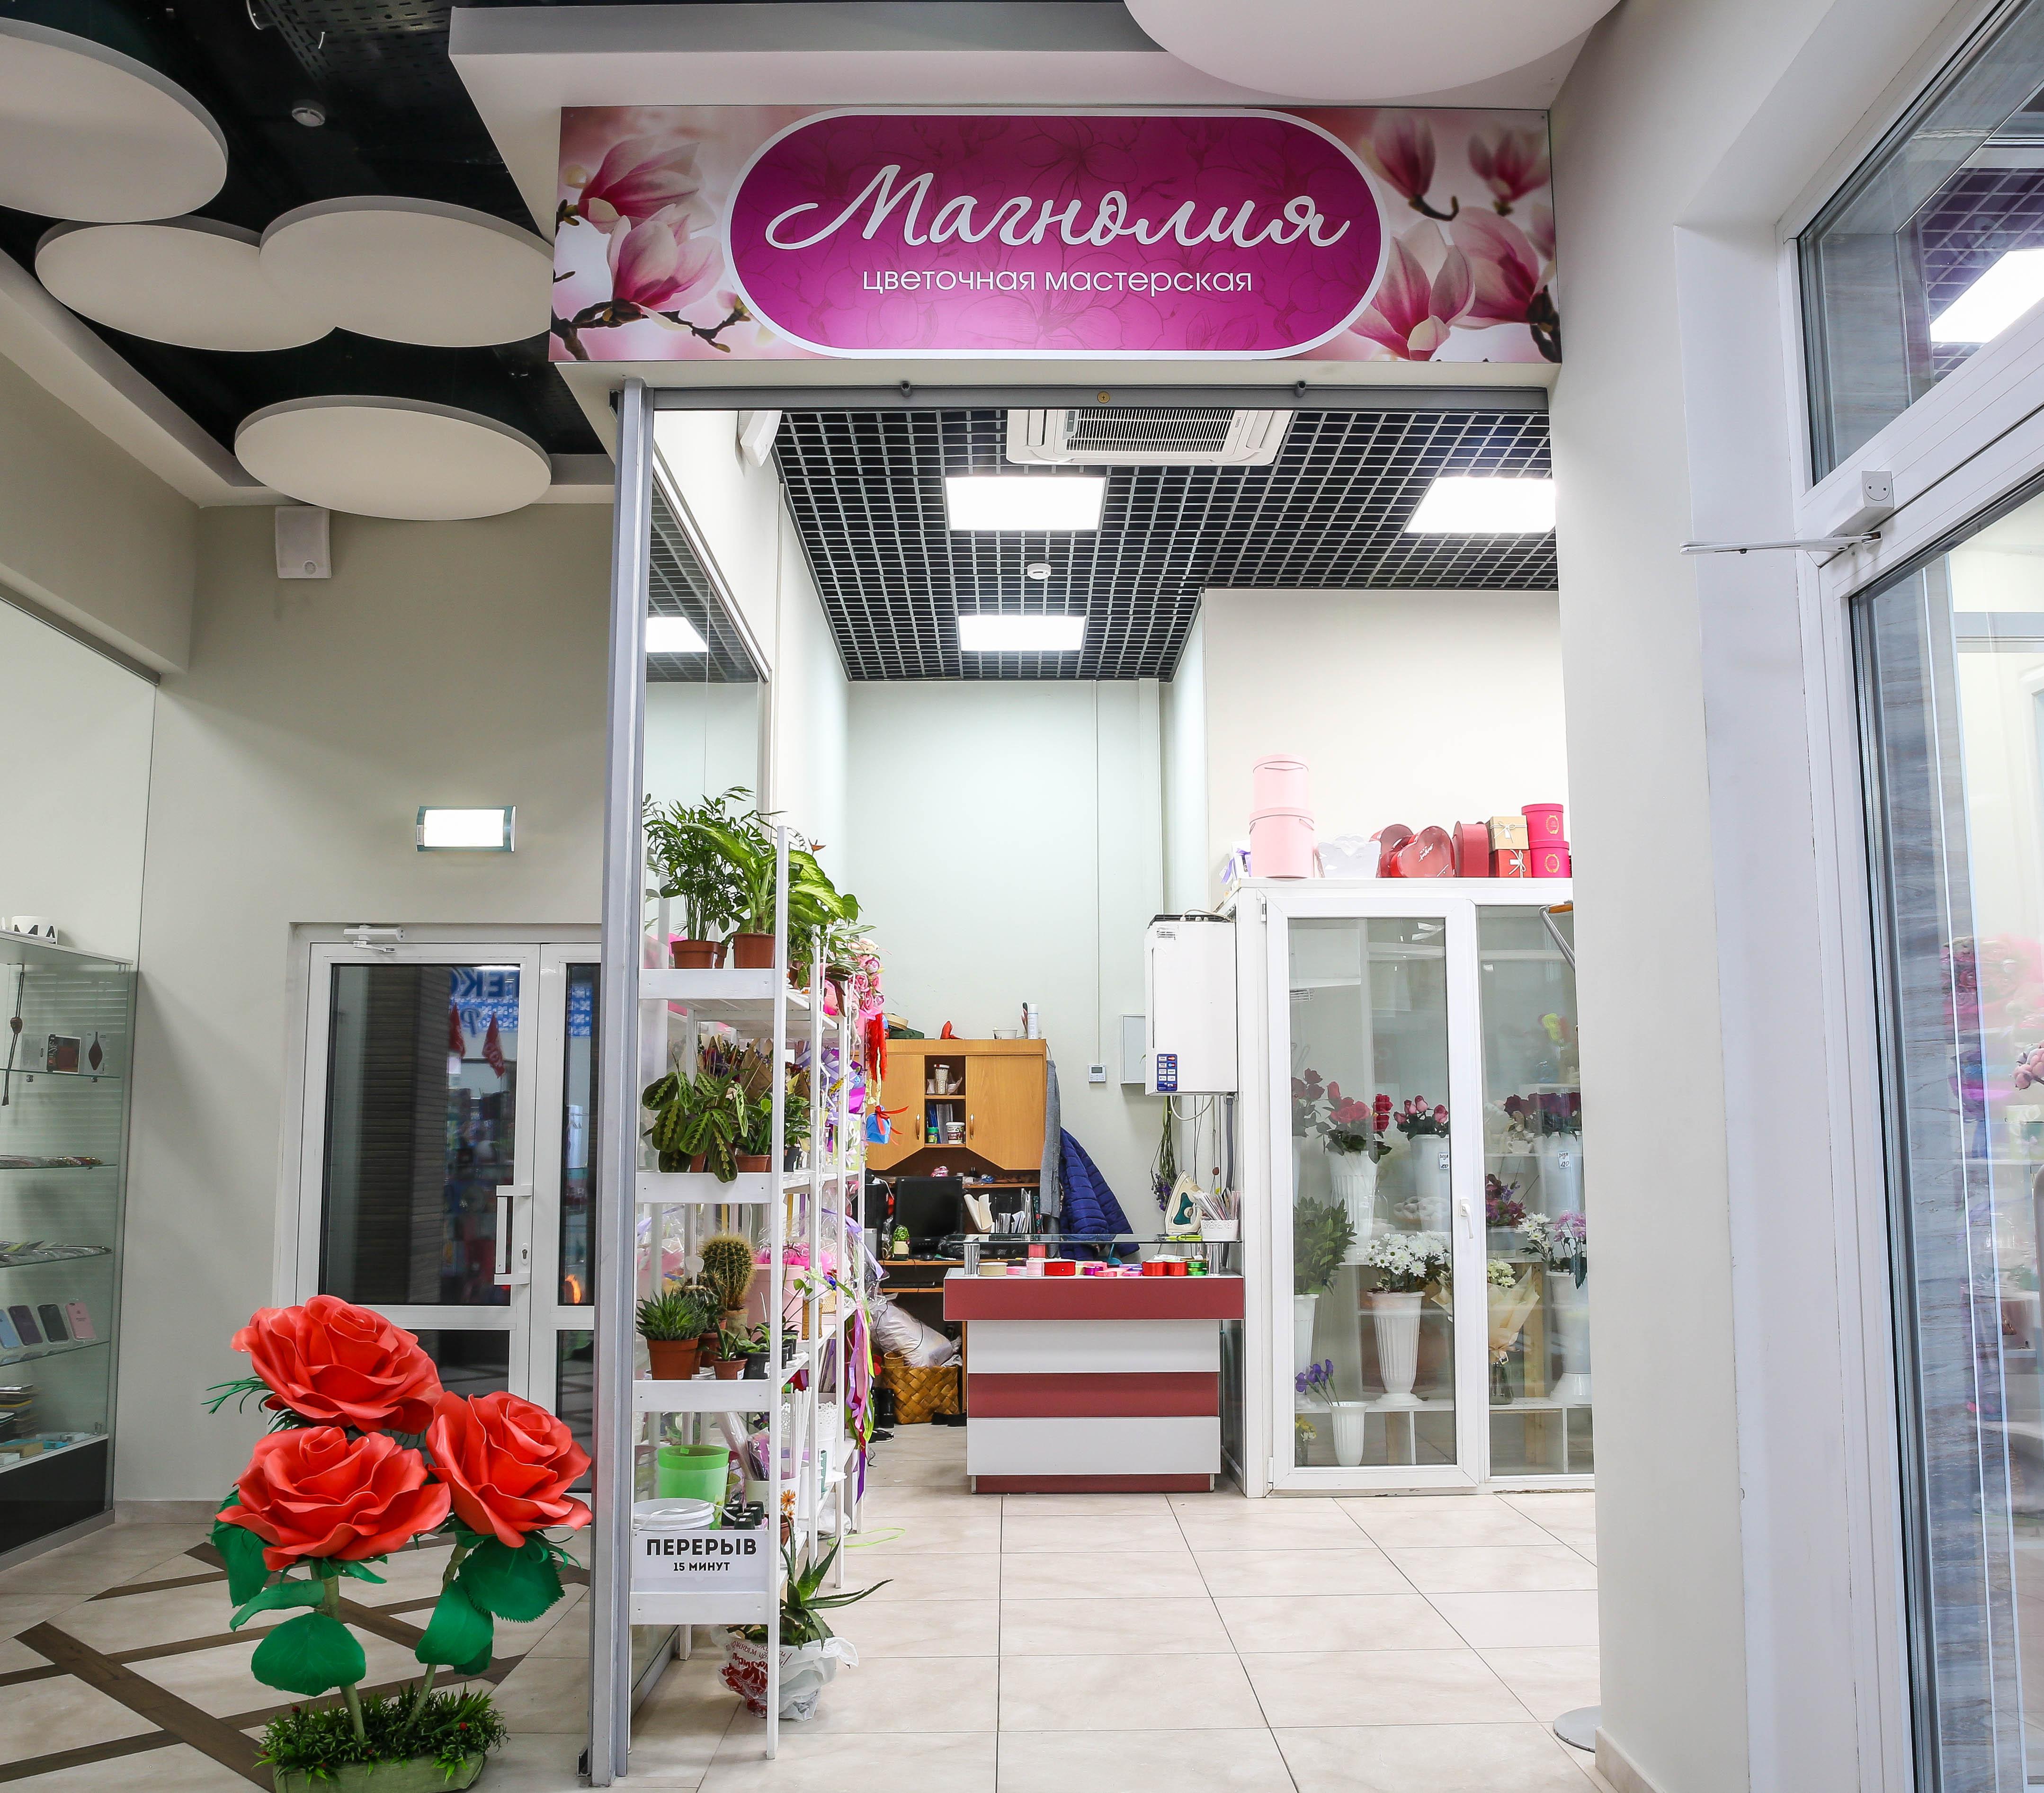 Магазина цветов, красивые названия магазинов цветов